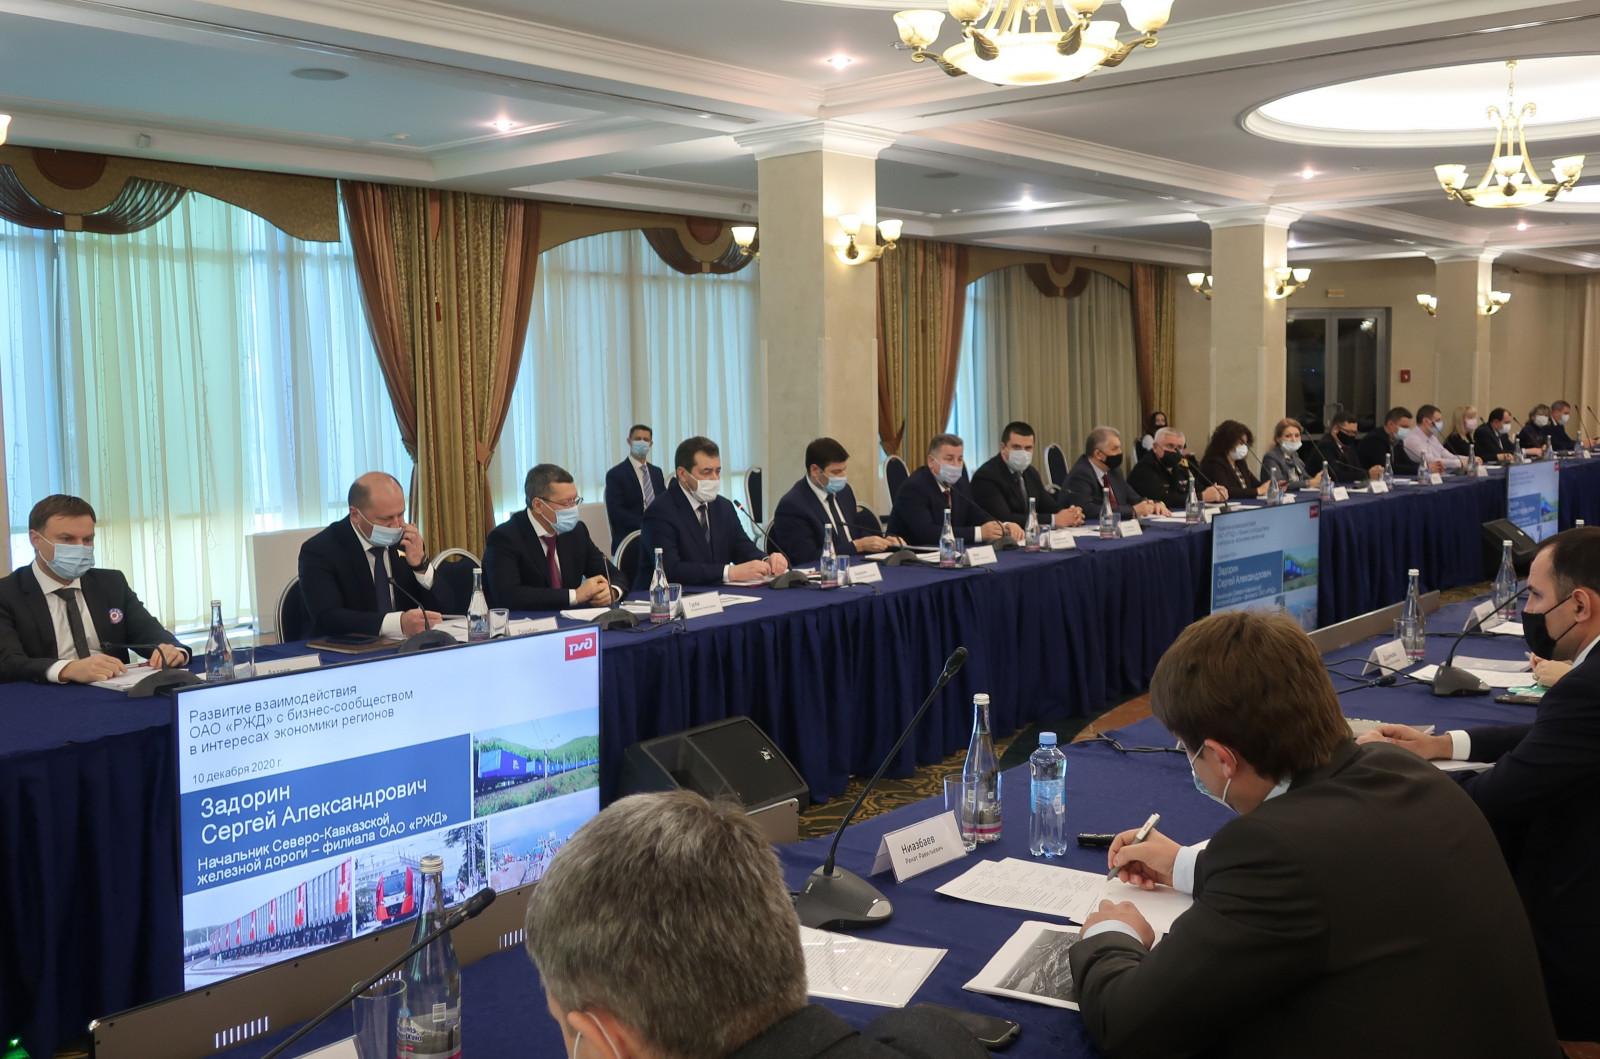 6,6 млрд рублей в железнодорожную инфраструктуру Ростовской области  инвестировали СКЖД